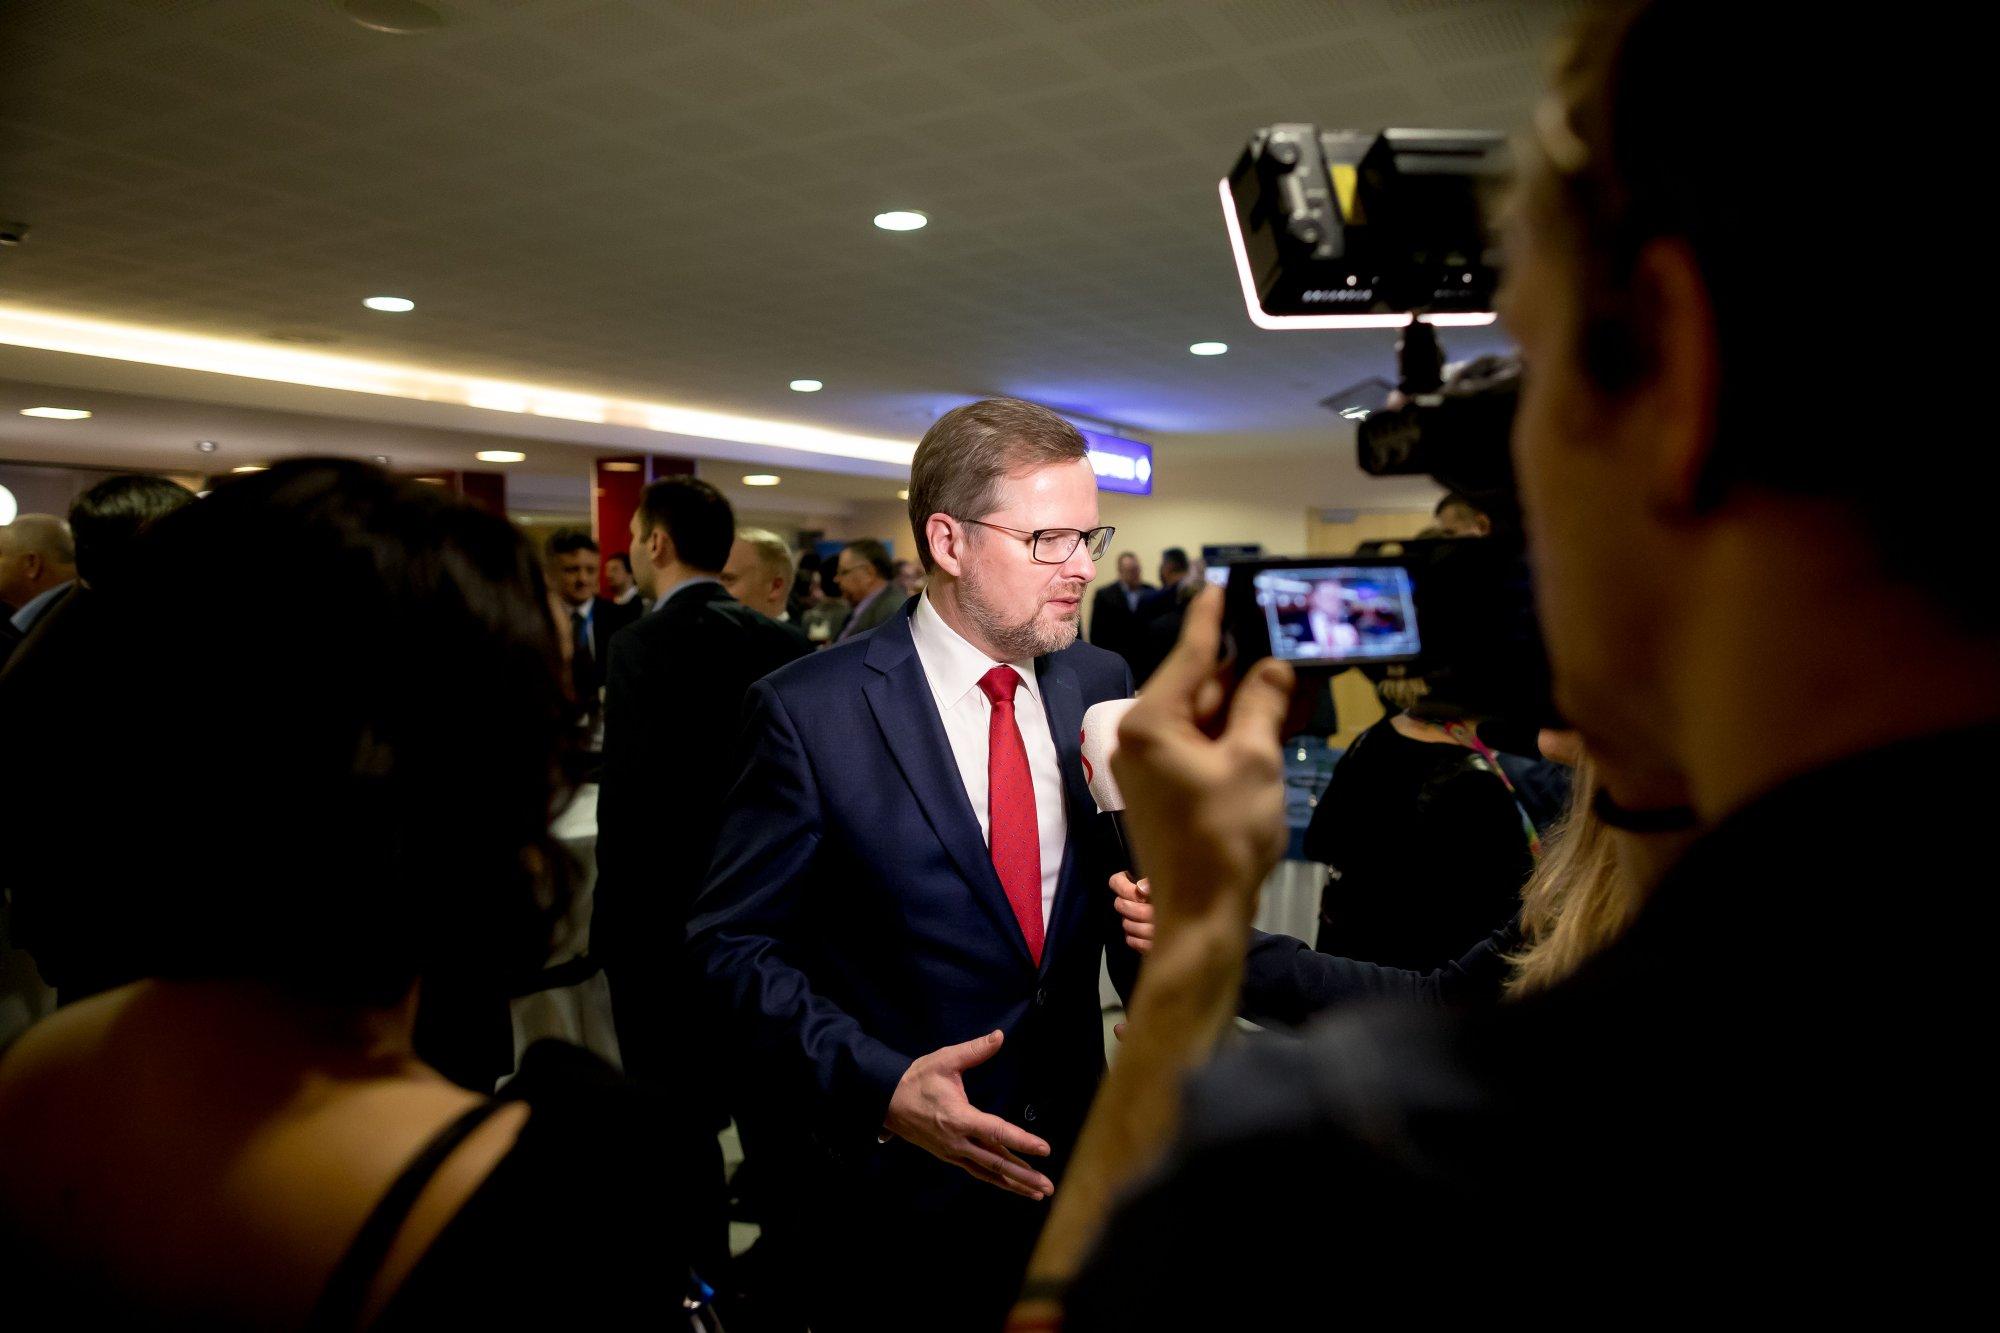 Petr Fiala: Ťok byl neúspěšný ministr, jeho rozhodnutí vítám